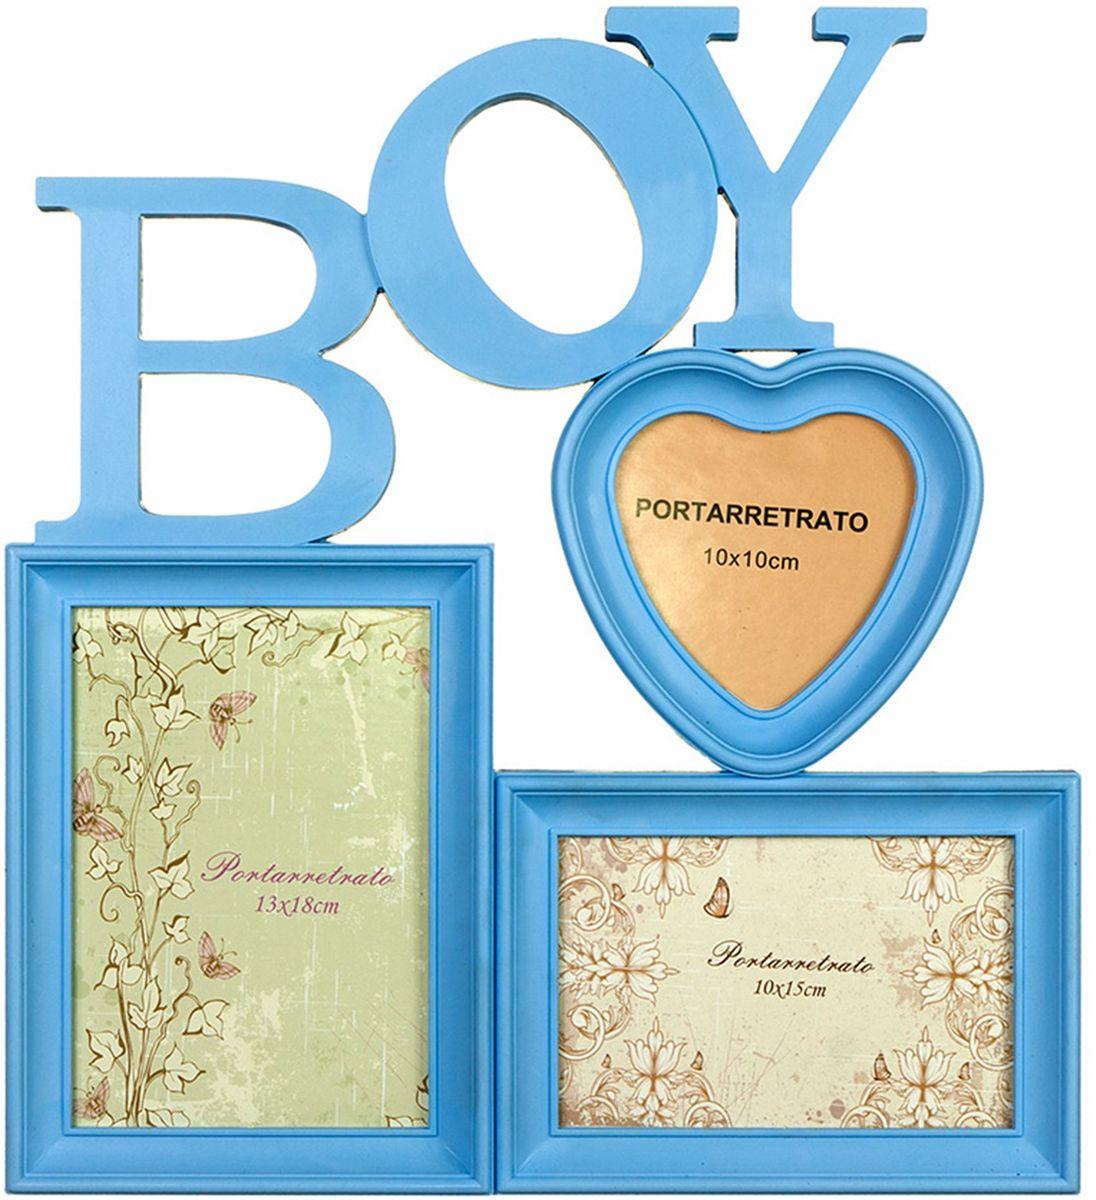 Фоторамка-коллаж Platinum Boy, 3 фото фотоальбом platinum ландшафт 1 на 100 фото pp 46100s 12226 1